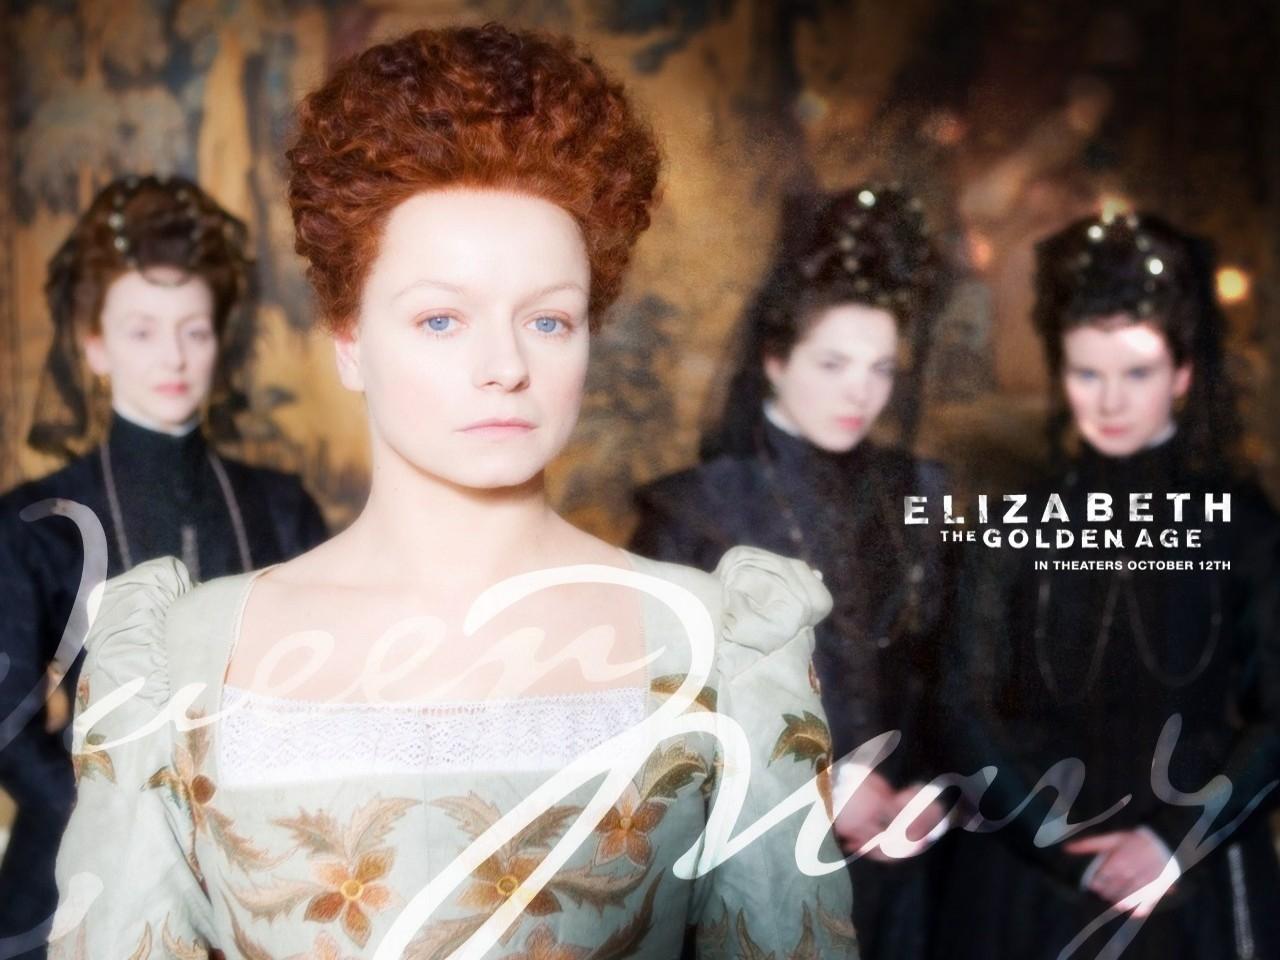 Wallpaper del film Elizabeth: The Golden Age con Samantha Morton